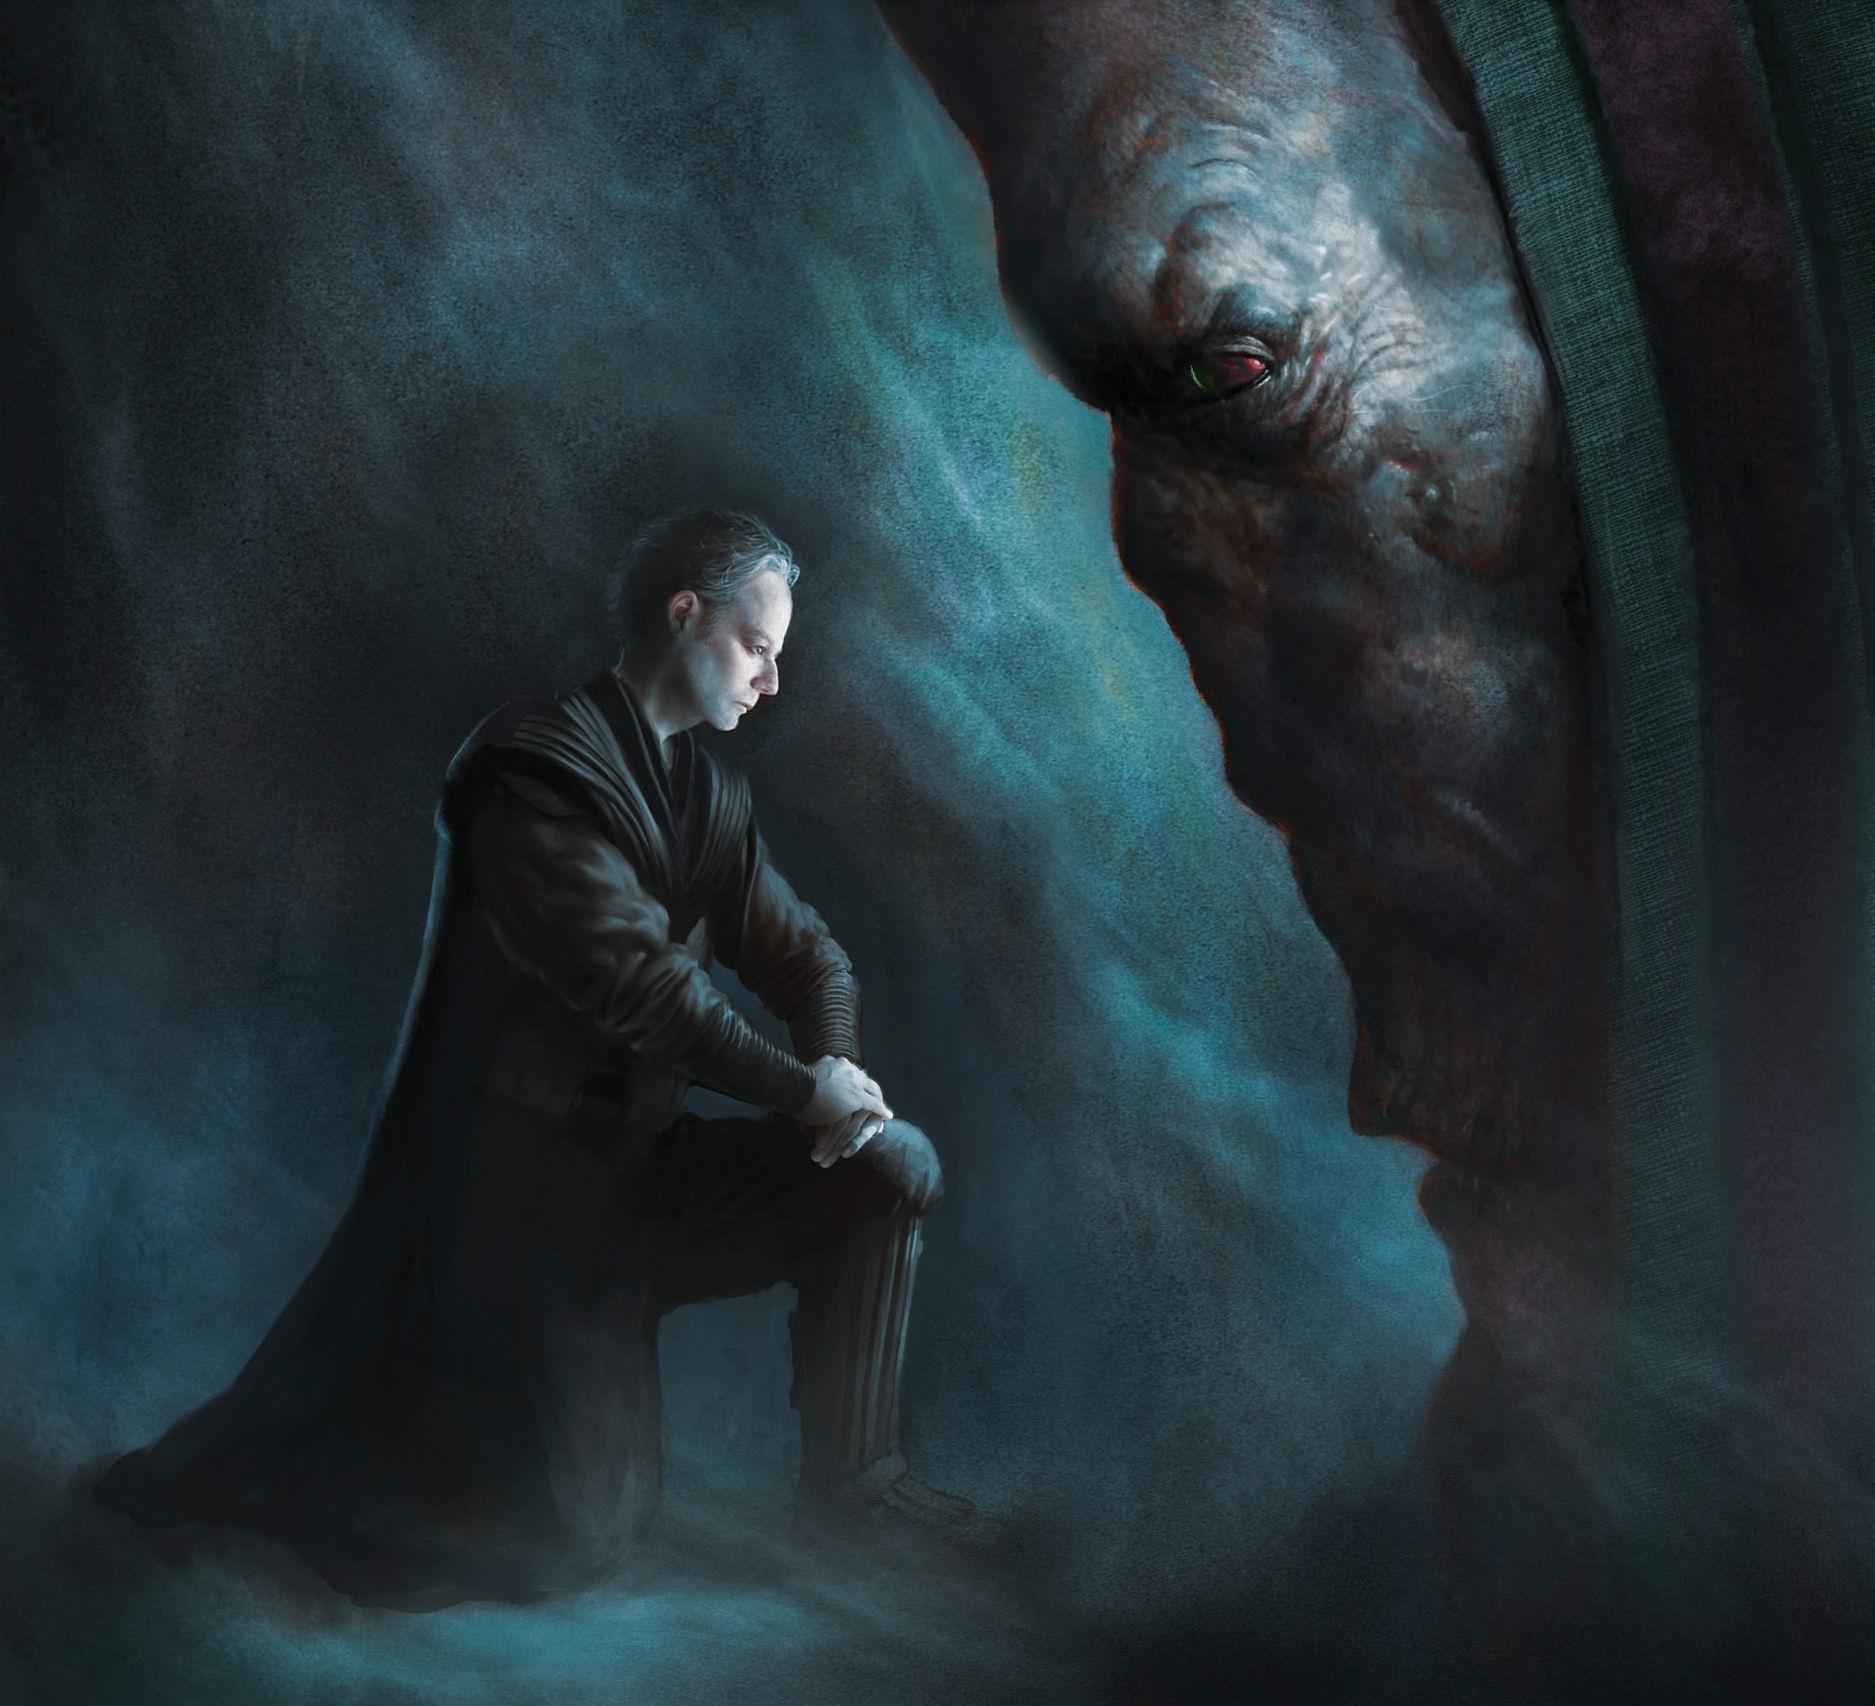 ¿Cómo se llamaba el maestro de Palpatine (Darth Sidious/Emperador)?